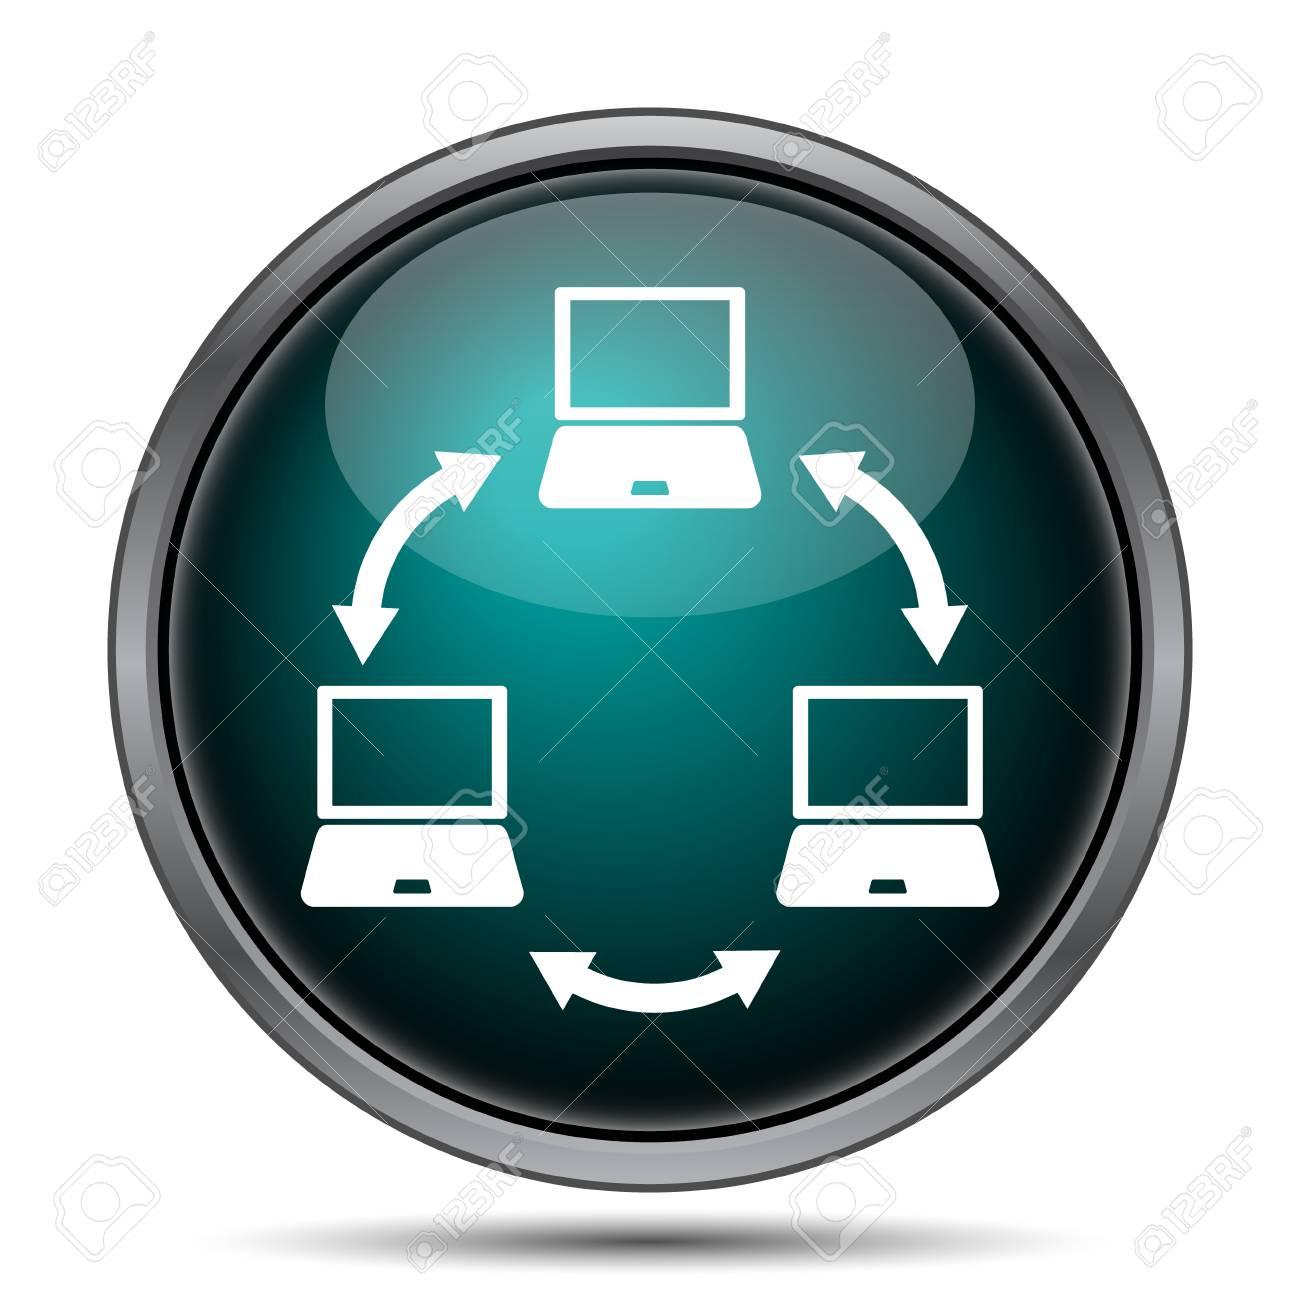 Plein soutien : service de réseaux